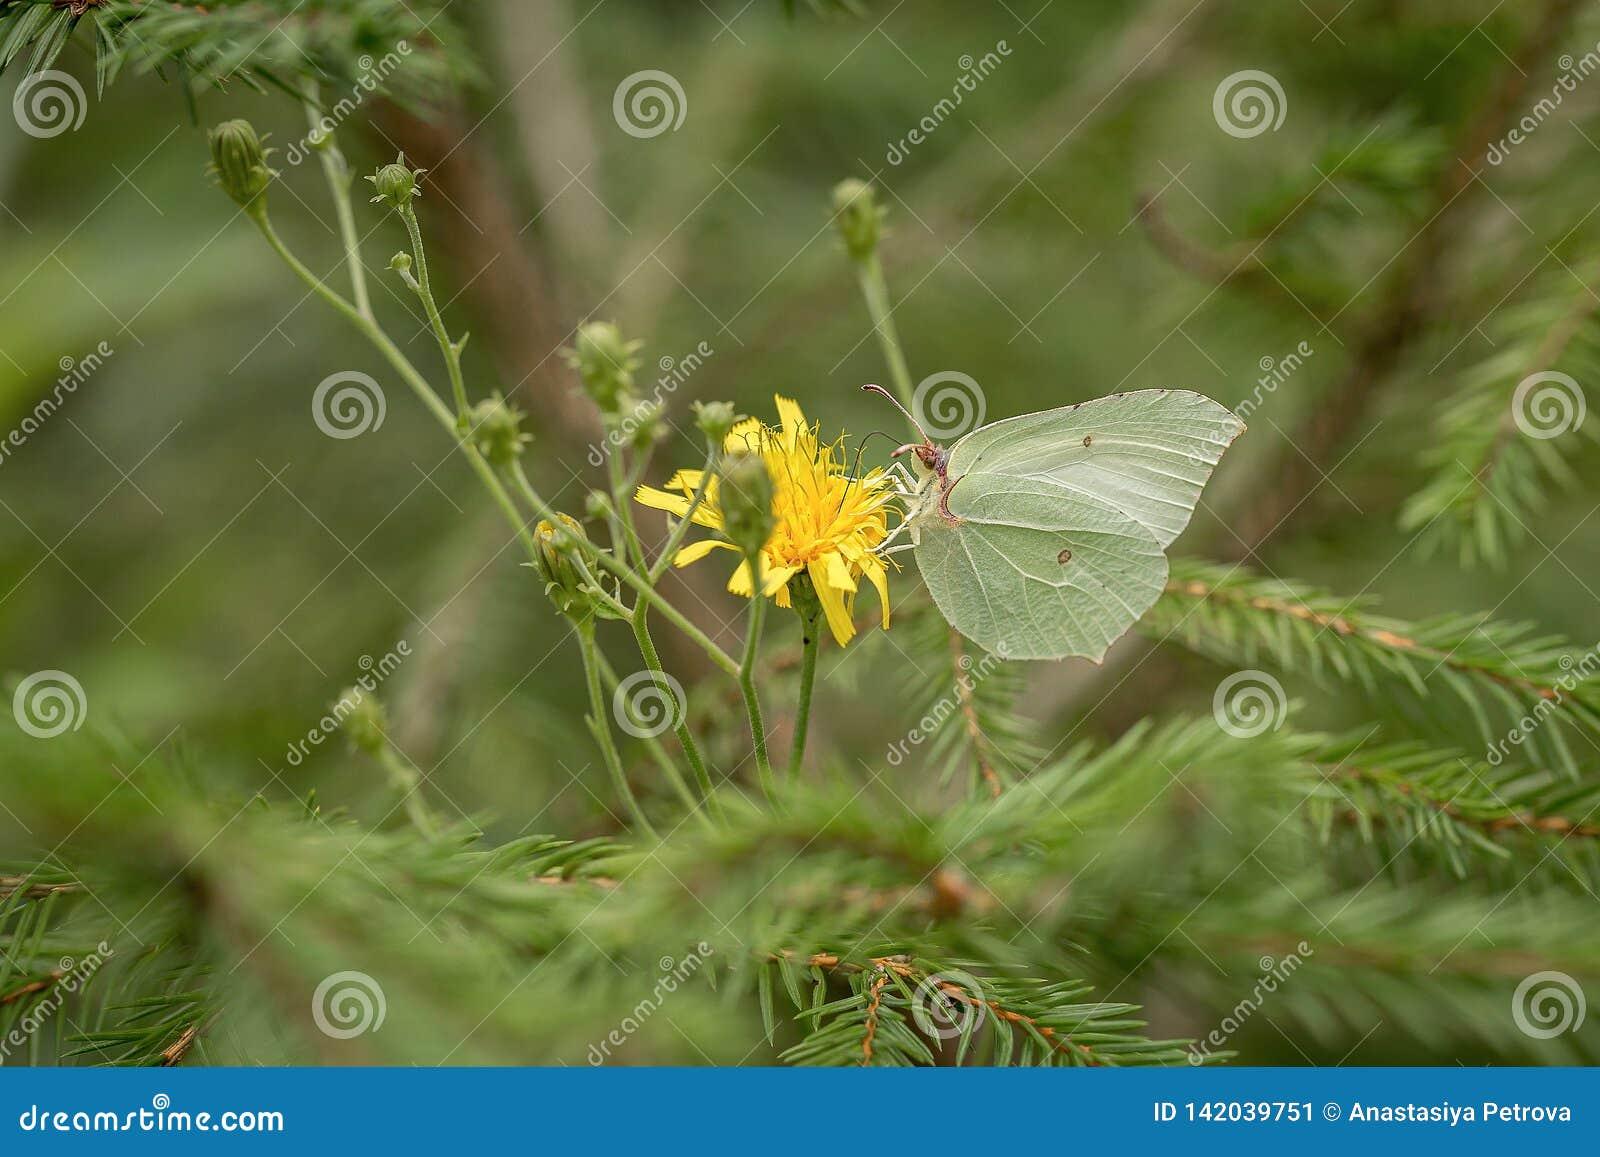 Schmetterling auf dem grünen Gebiet